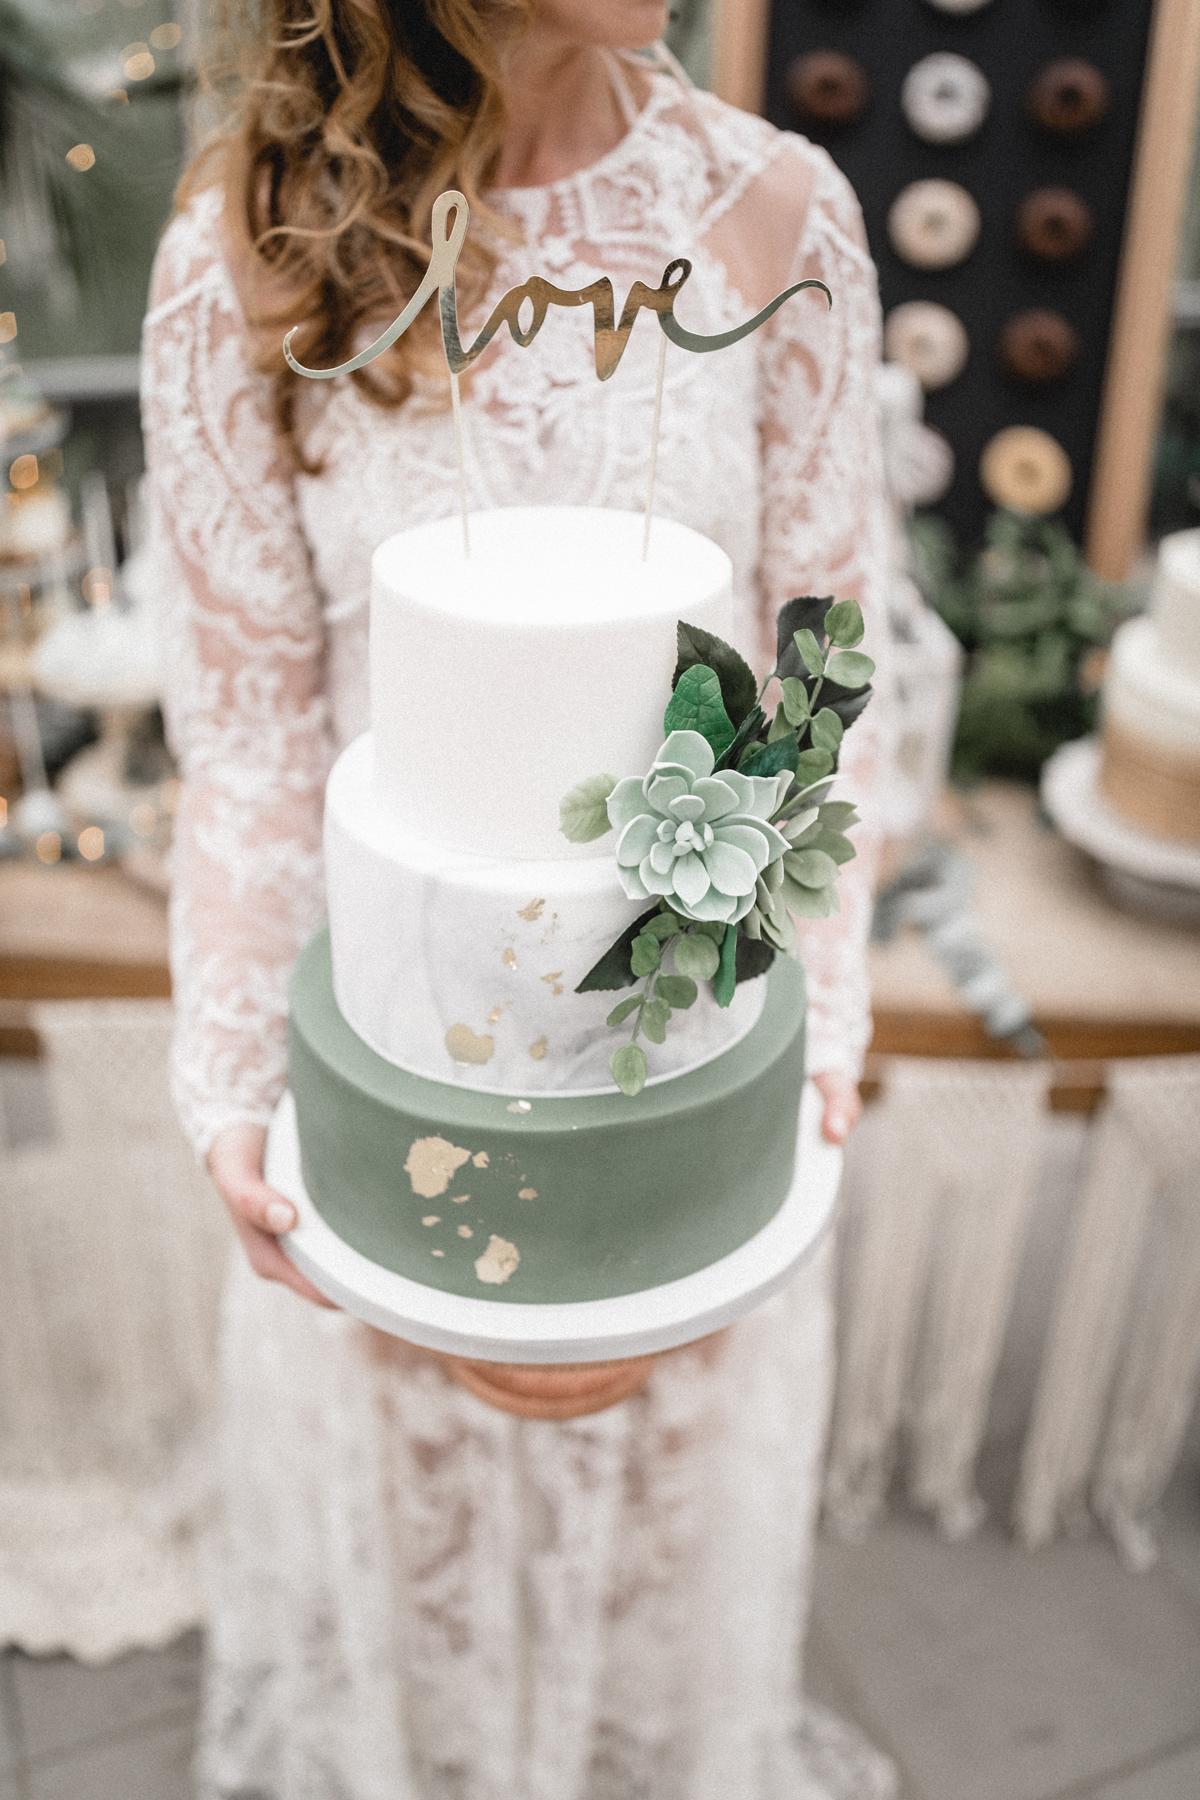 Andreas_Nusch_Hochzeitsfotografie_Brautshooting_2017_JA-Hochzeitsshop_0166